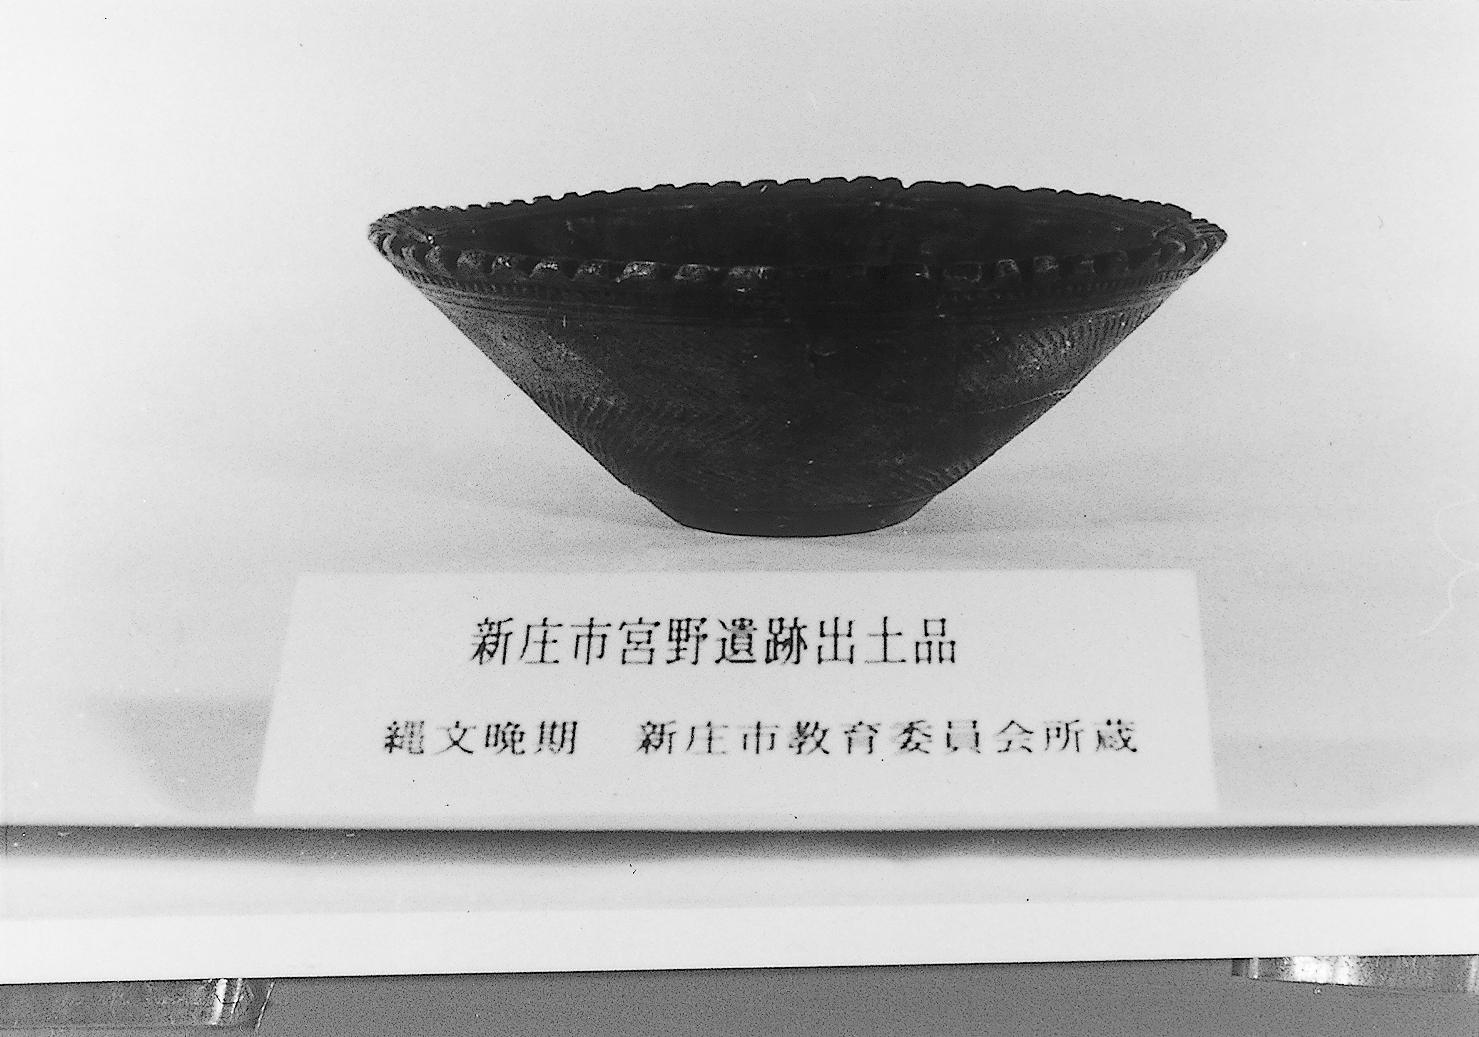 宮野遺跡出土浅鉢形土器